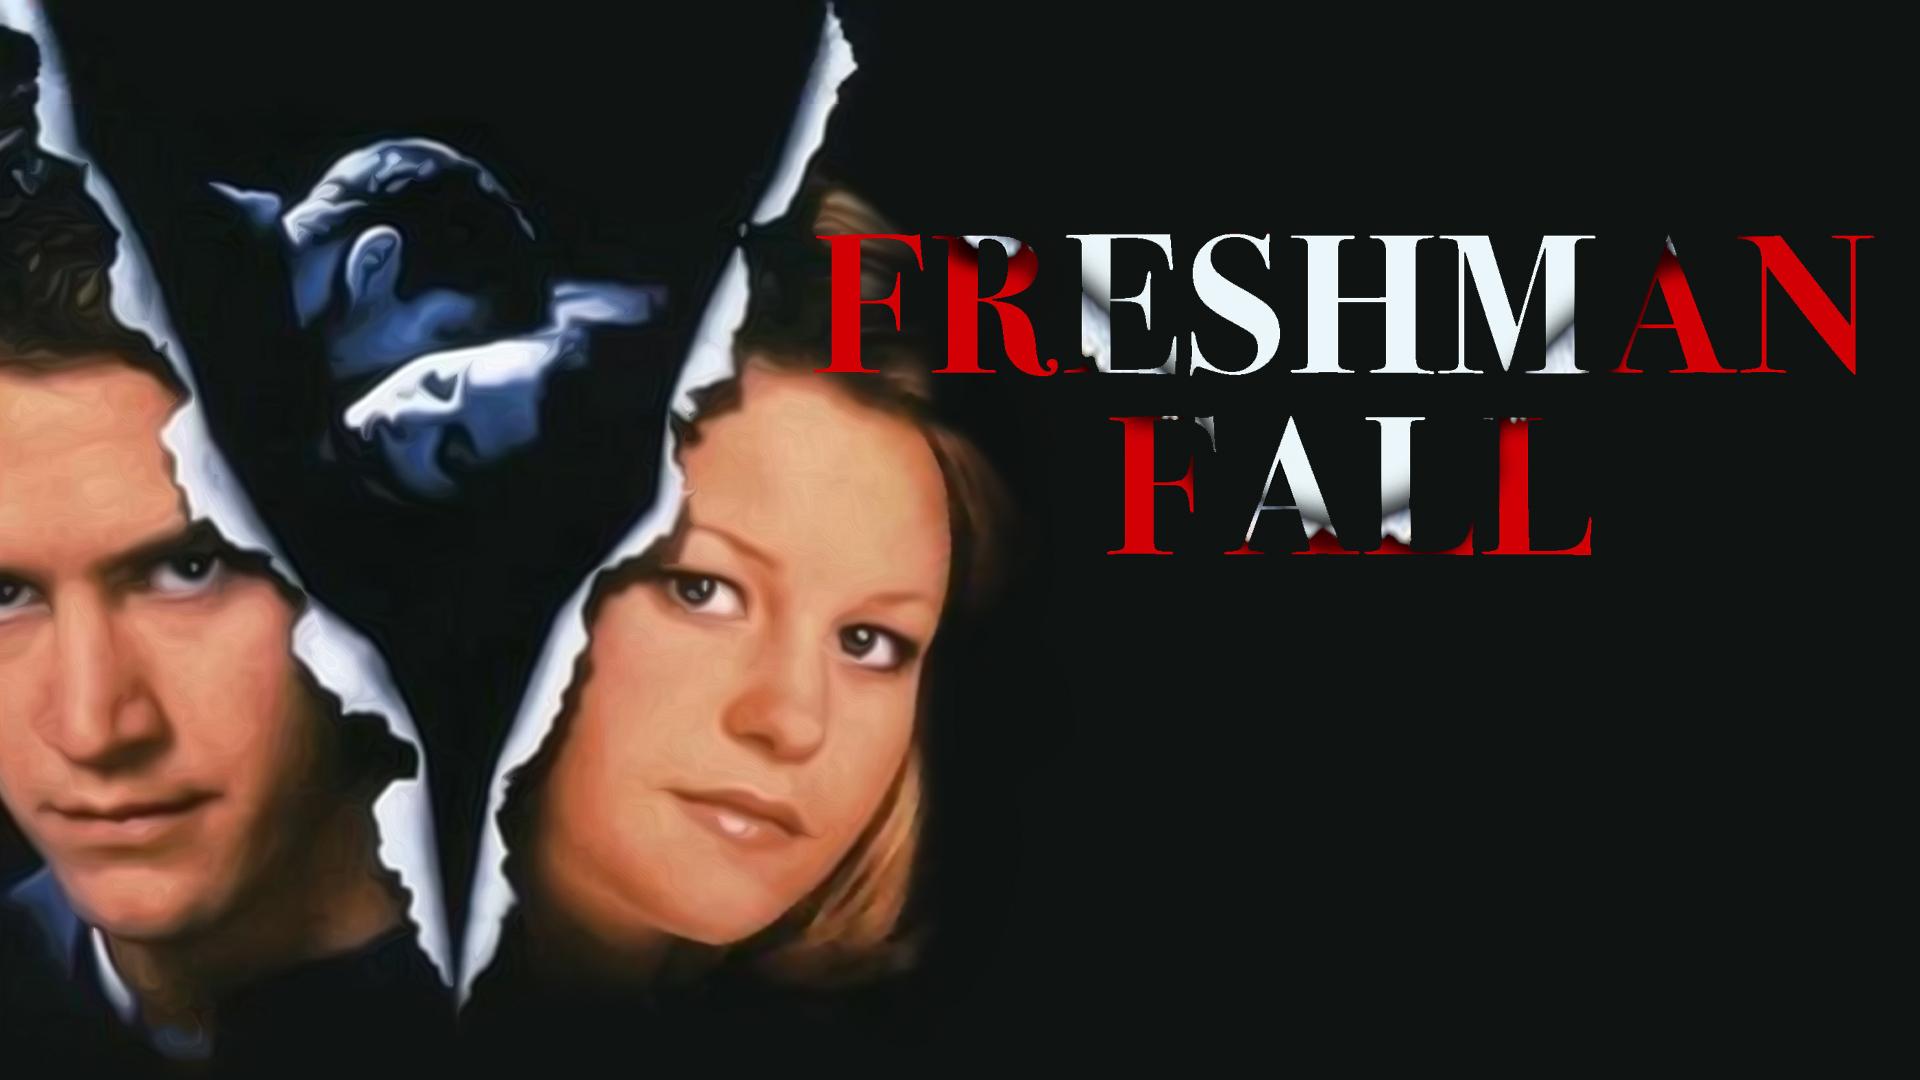 Freshman Fall